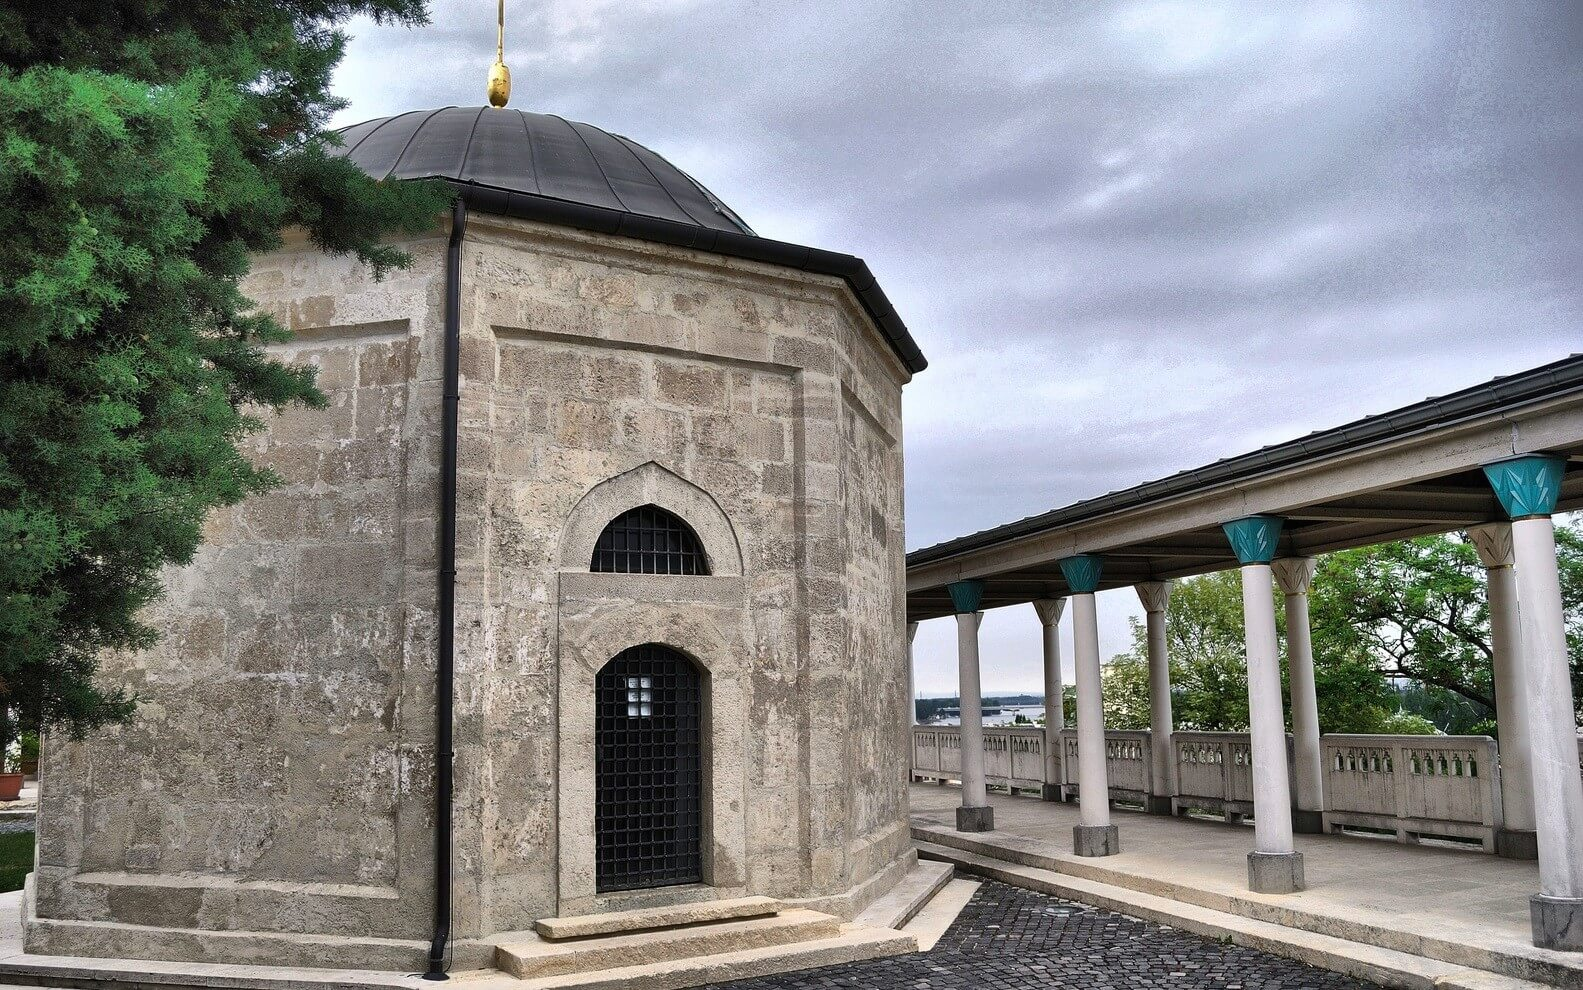 Kiderült, mi minden kapcsolódik a Gül Baba türbe felújításához